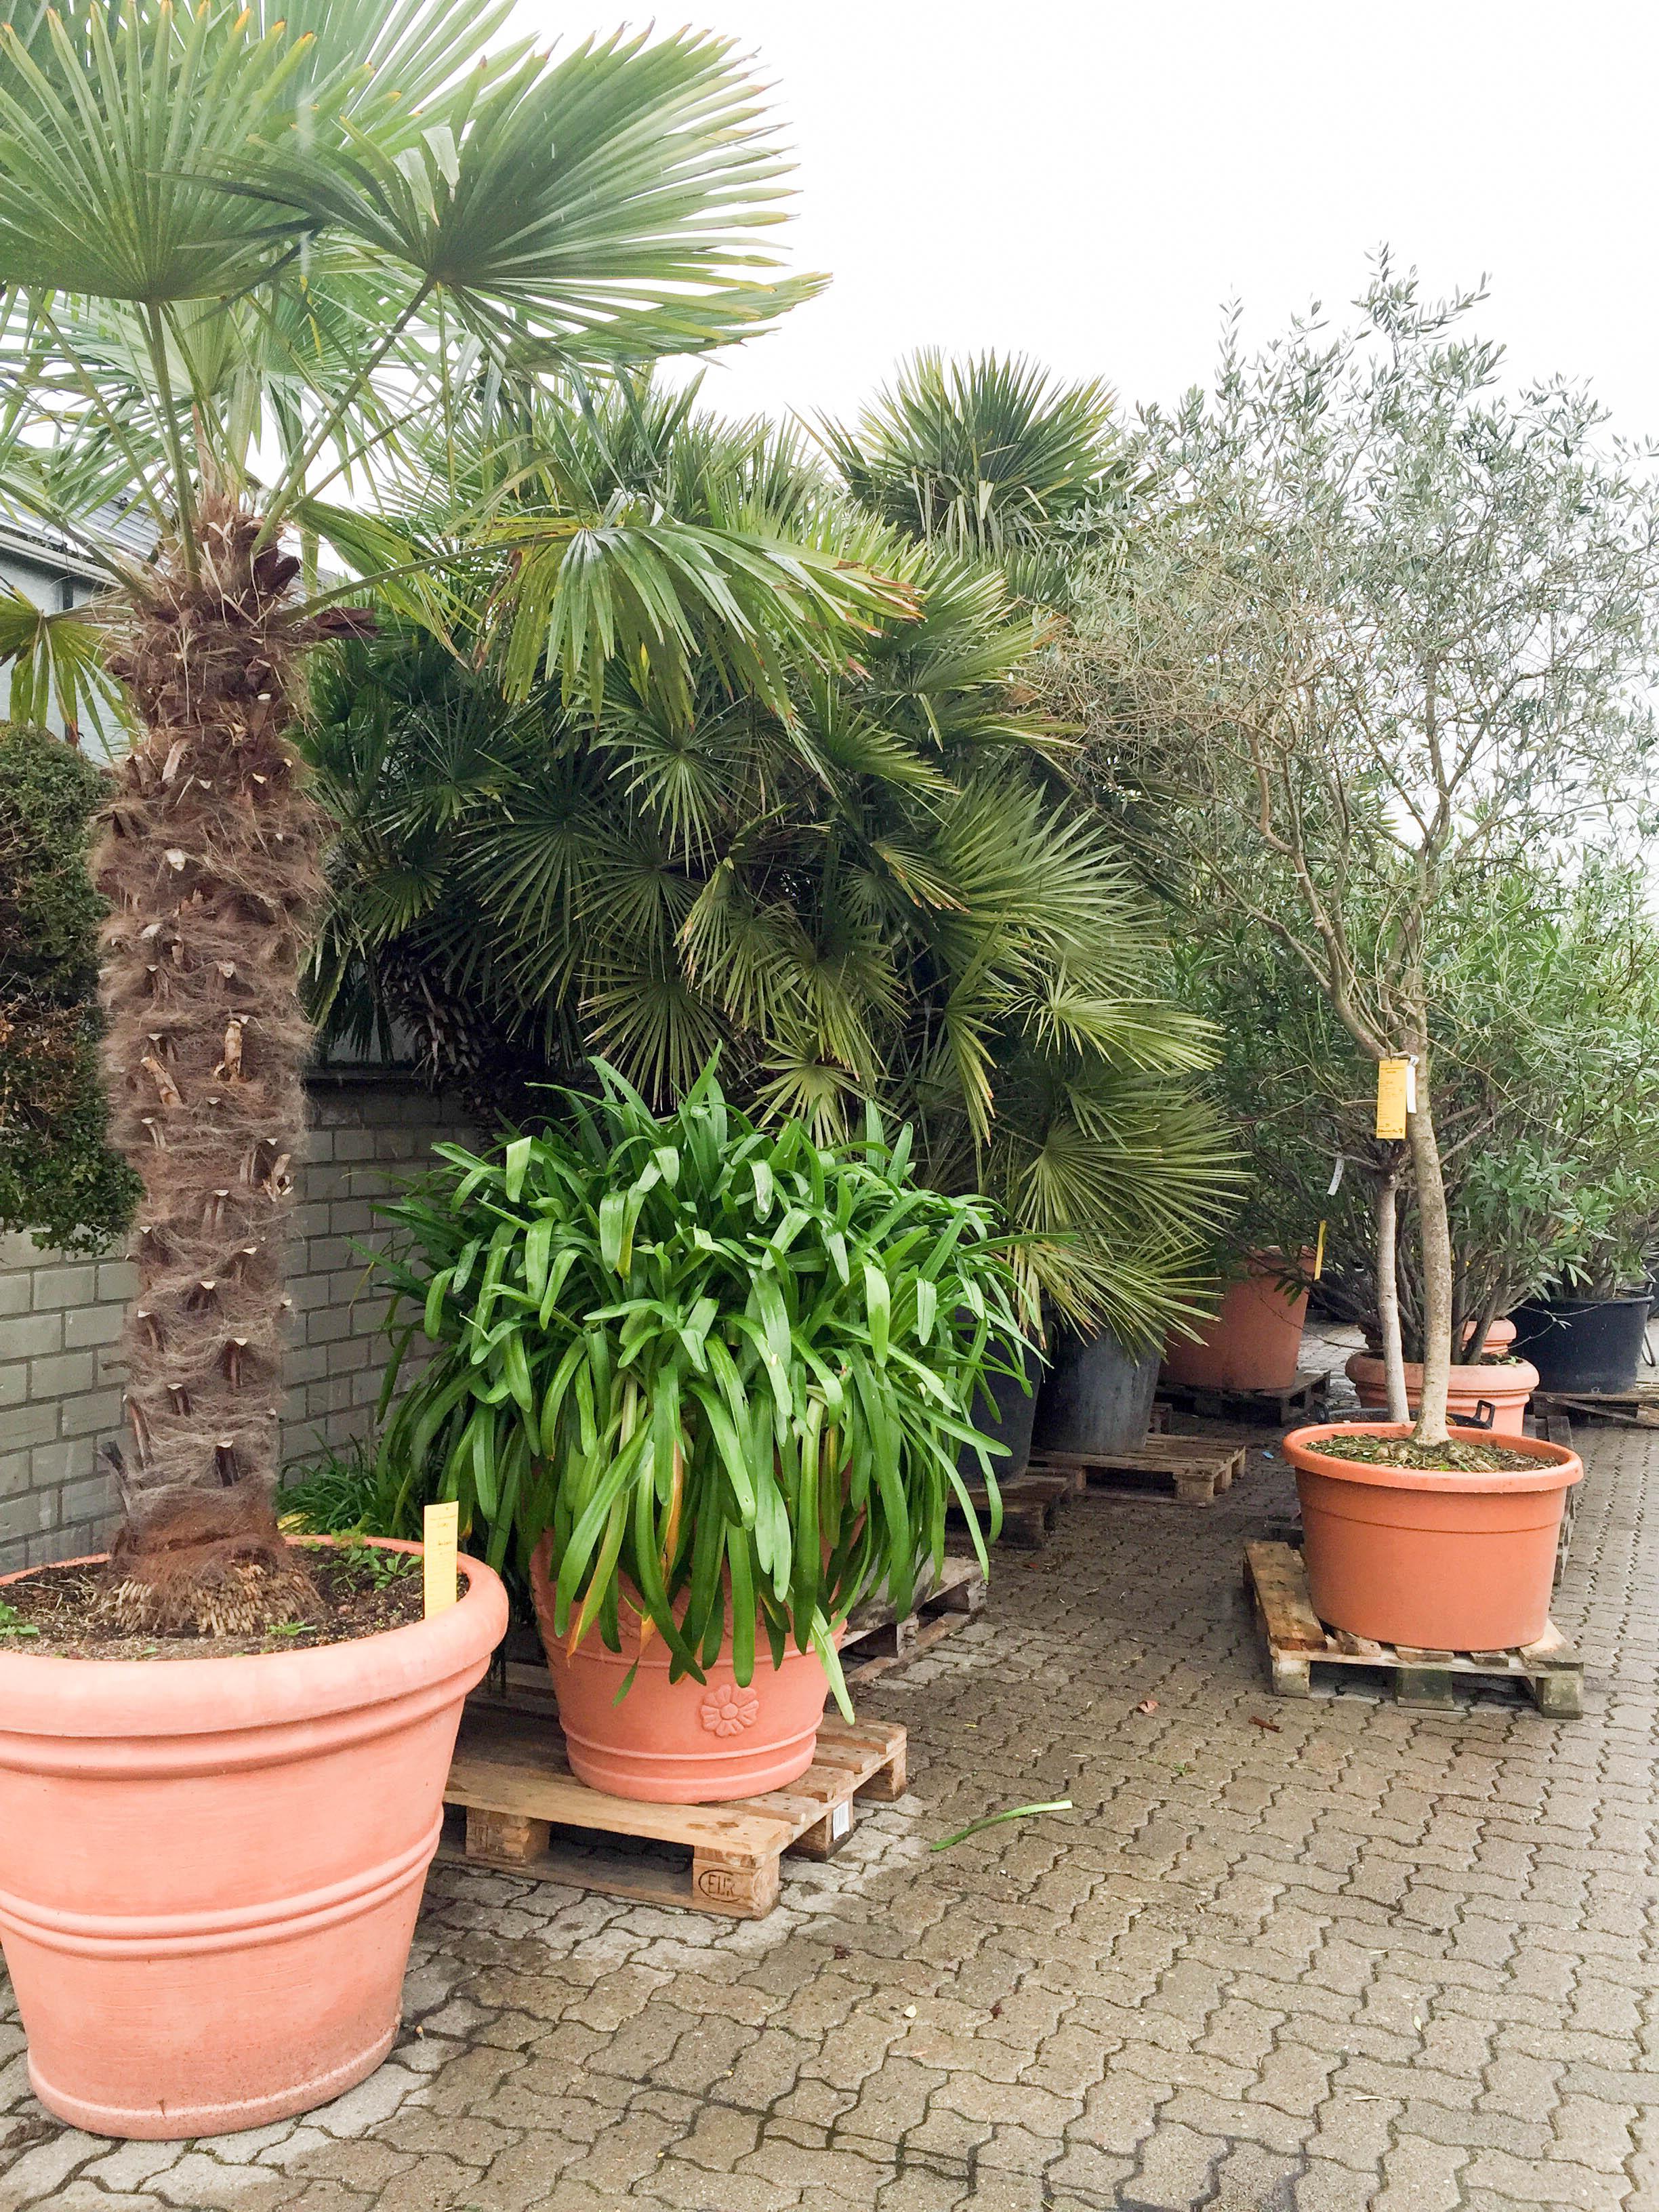 Und dann waren da die Palmen, die einfach nicht ins Auto passen wollten.